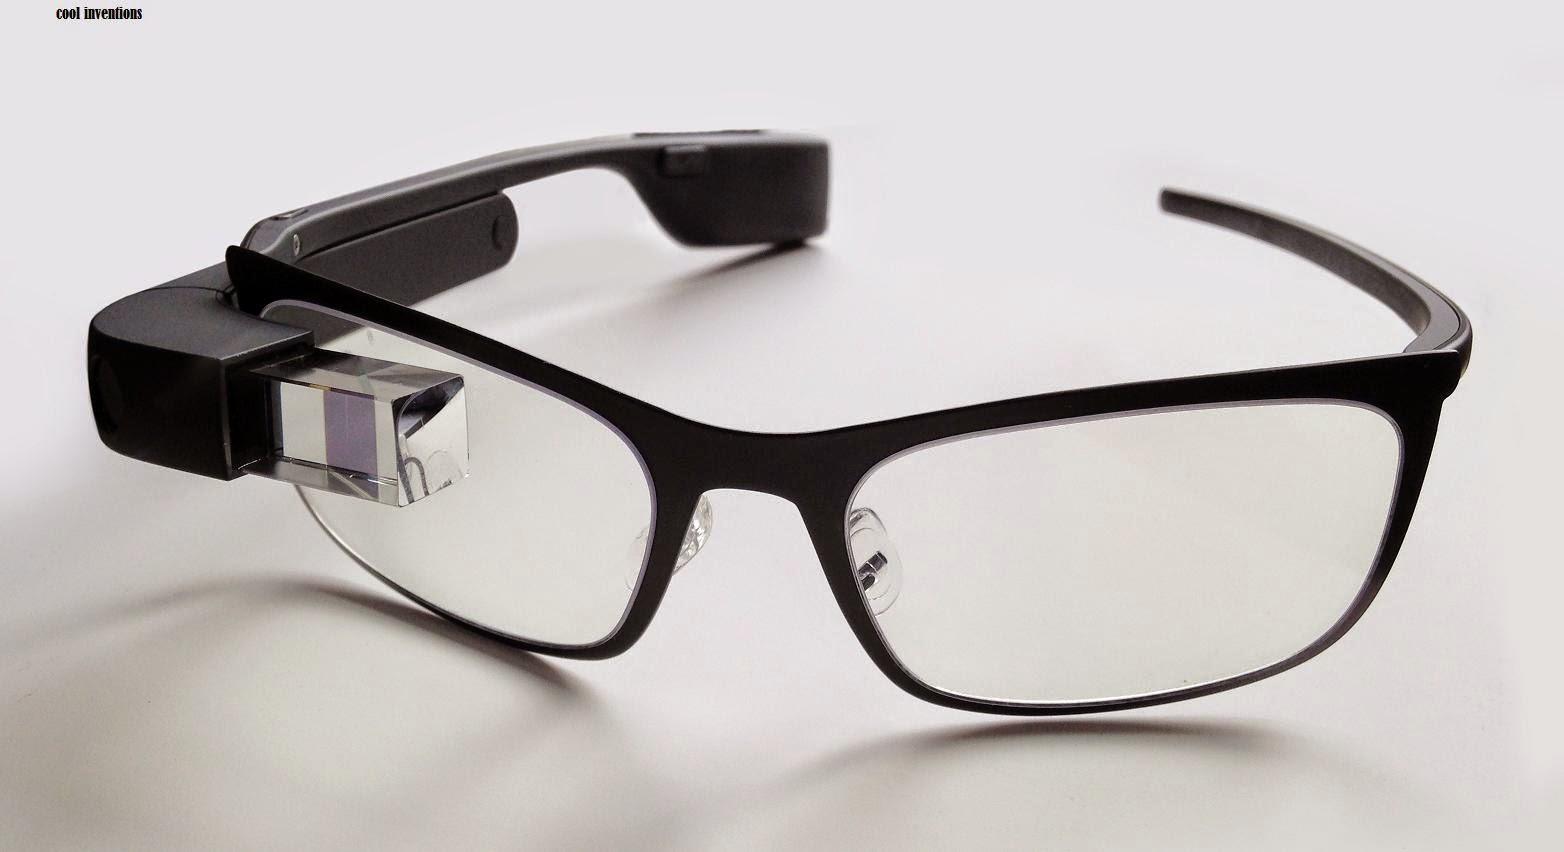 Wink Eyeglasses